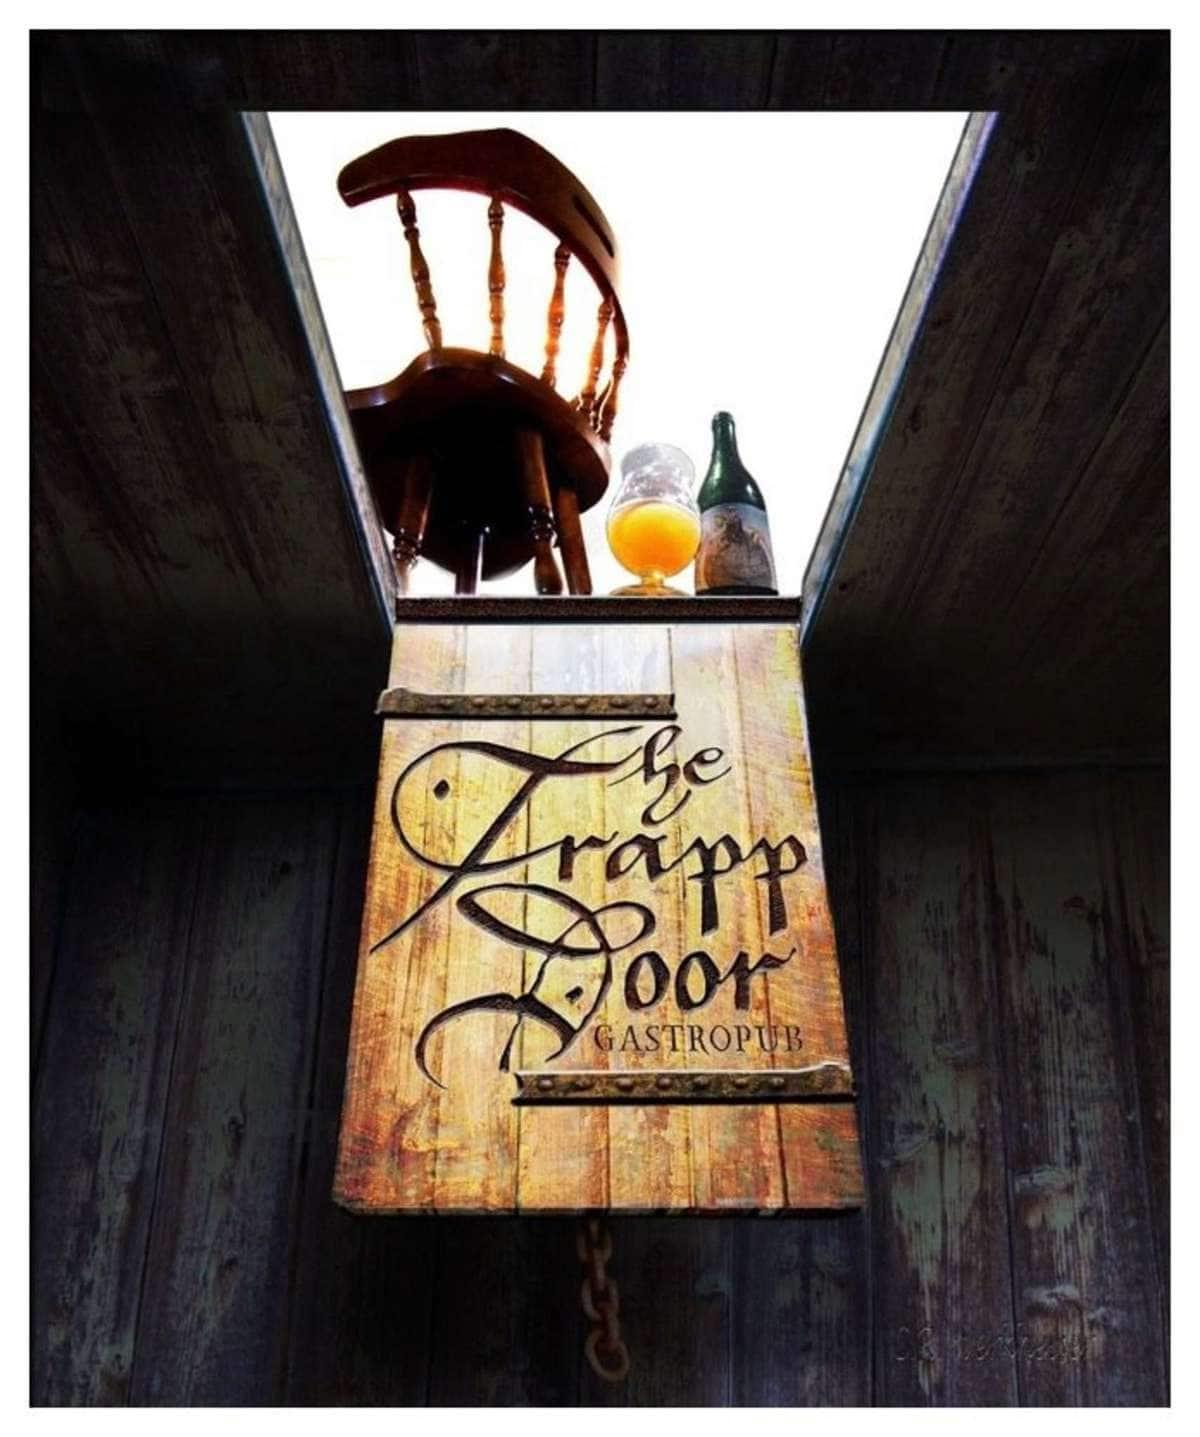 The Trapp Door Gastropub